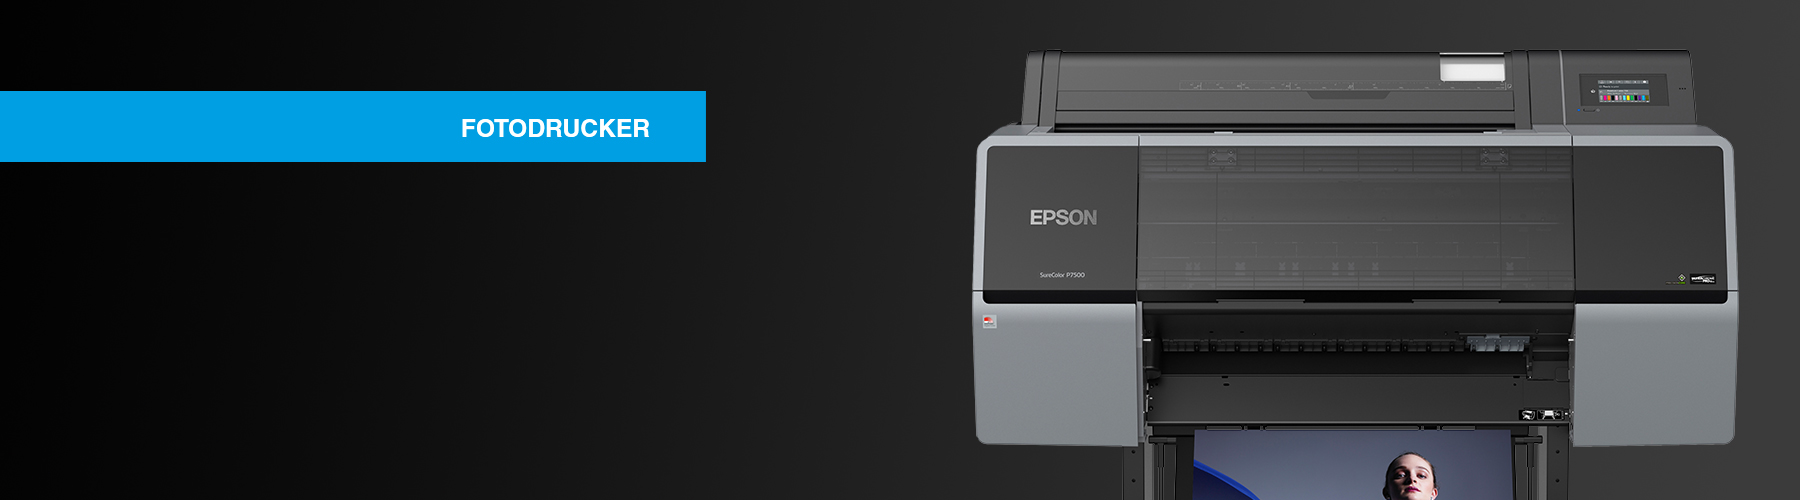 Fotodrucker von 43,2 cm bis 162 cm Druckbreite />